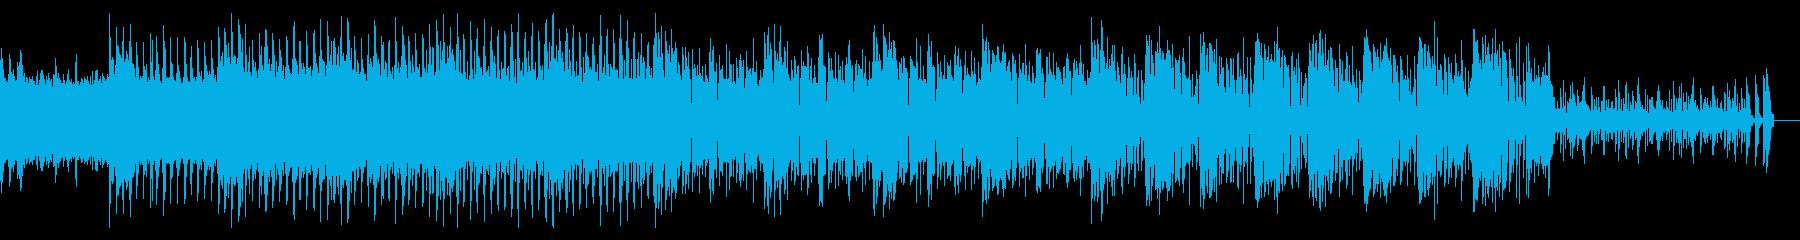 捻れて歪んだアナログサウンドスケープの再生済みの波形